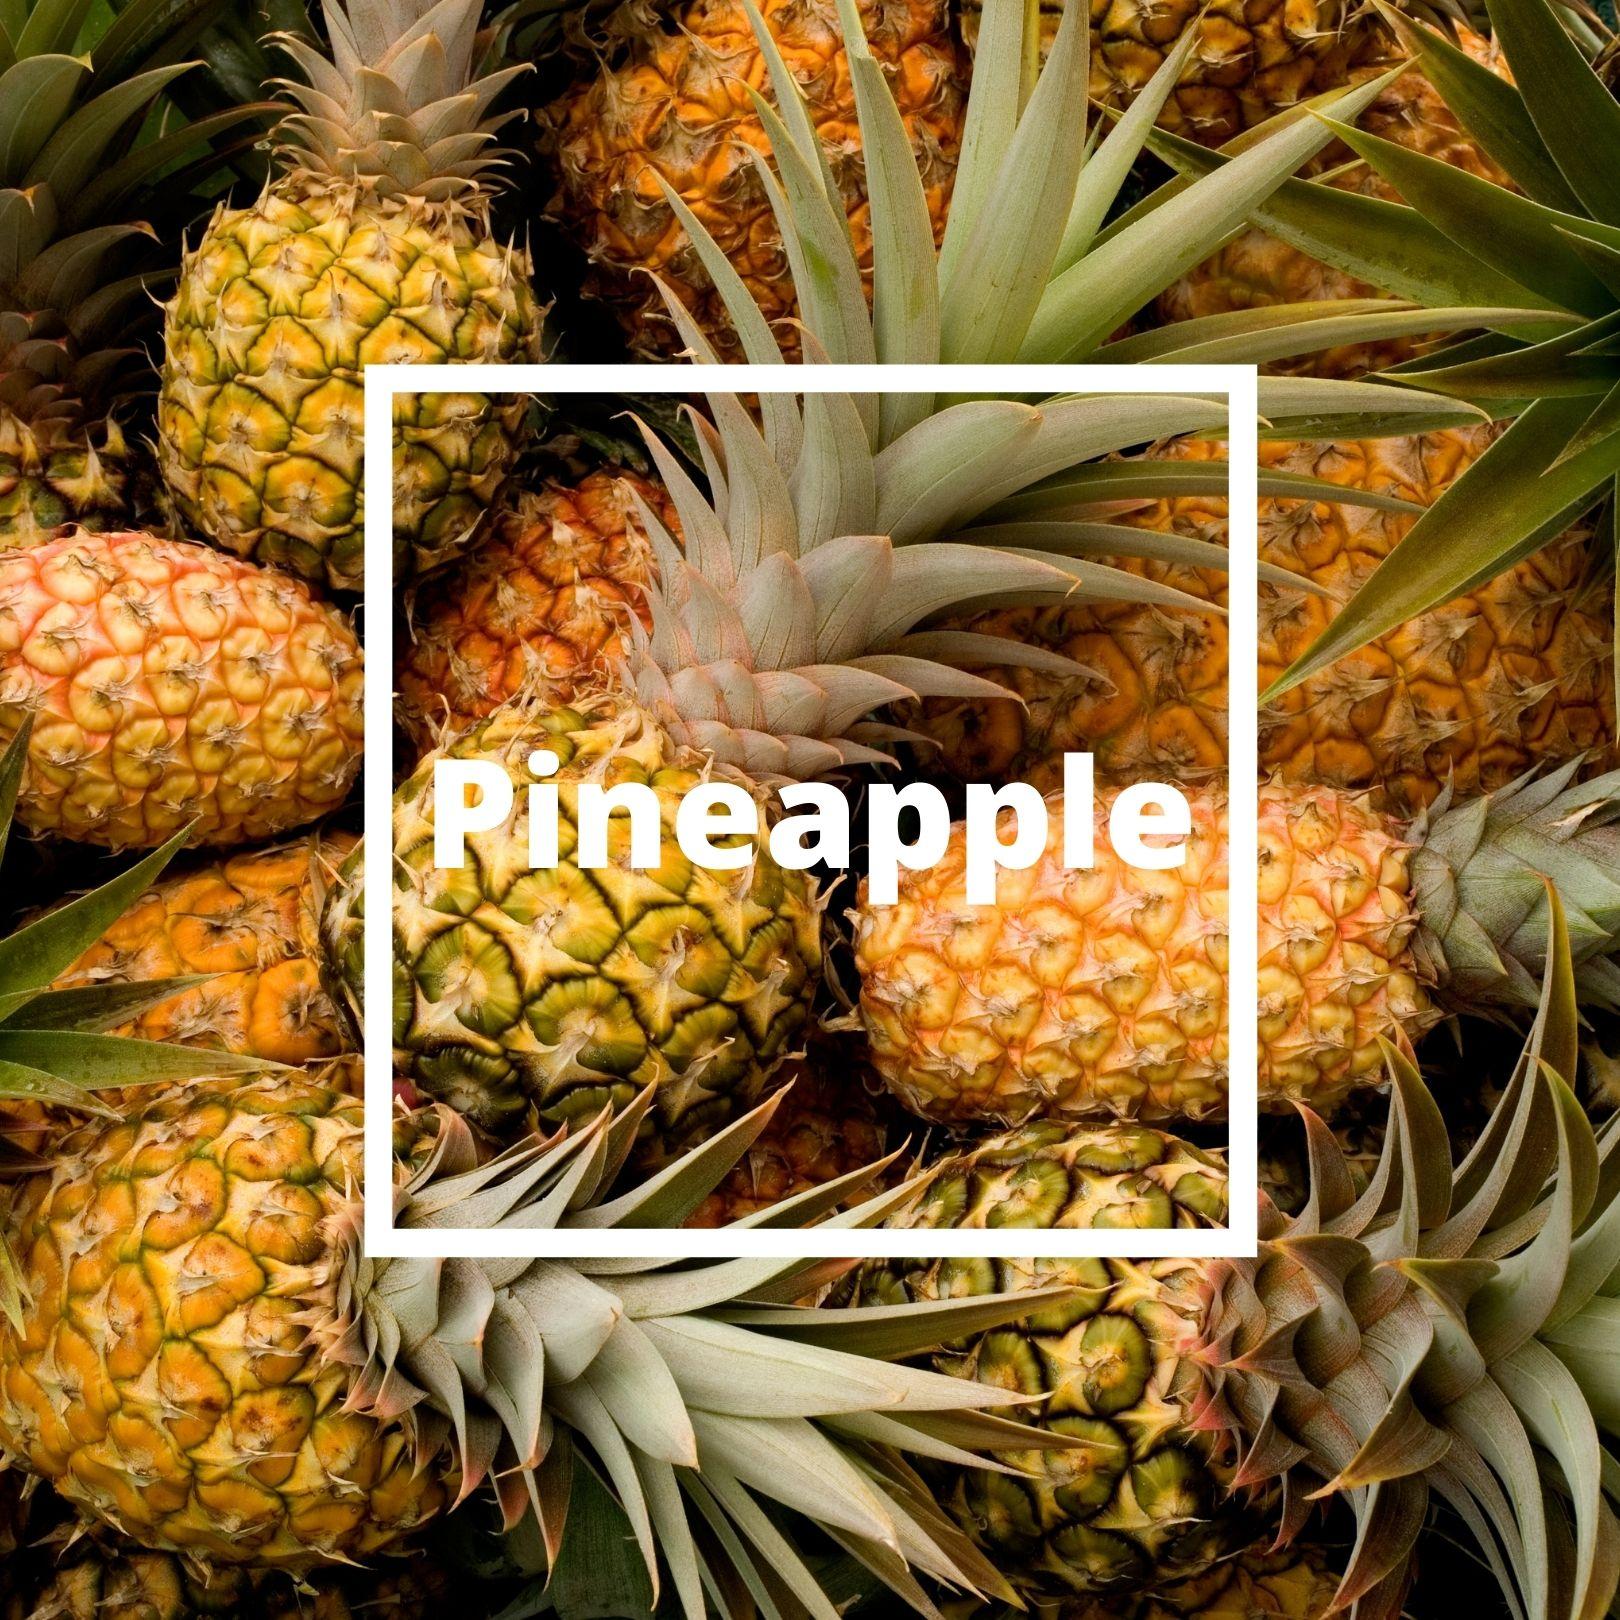 L'ATELIERO - Pineapple - Victorious